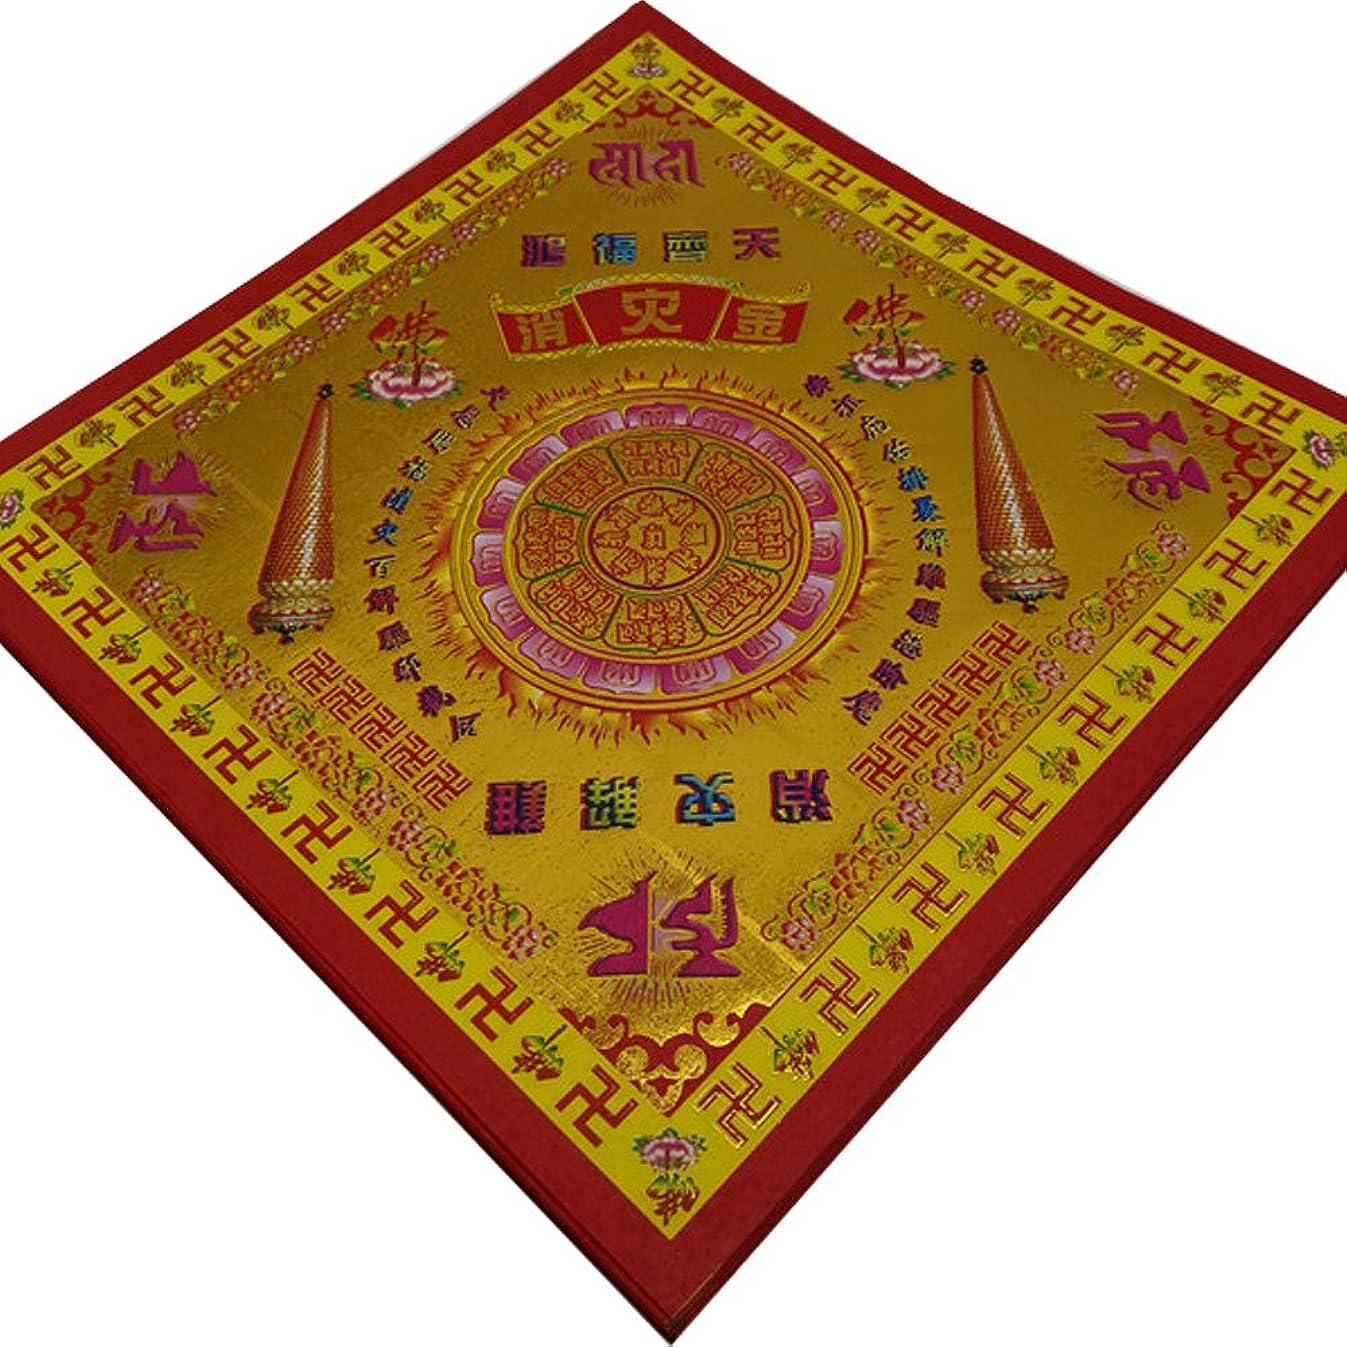 コア驚やむを得ないzeestar 40個Incense用紙/Chinese Joss用紙yellow-goldの祖先Praying、Qingming festivaland and the HungryゴーストFestival?–?7.67インチx 7.67インチ